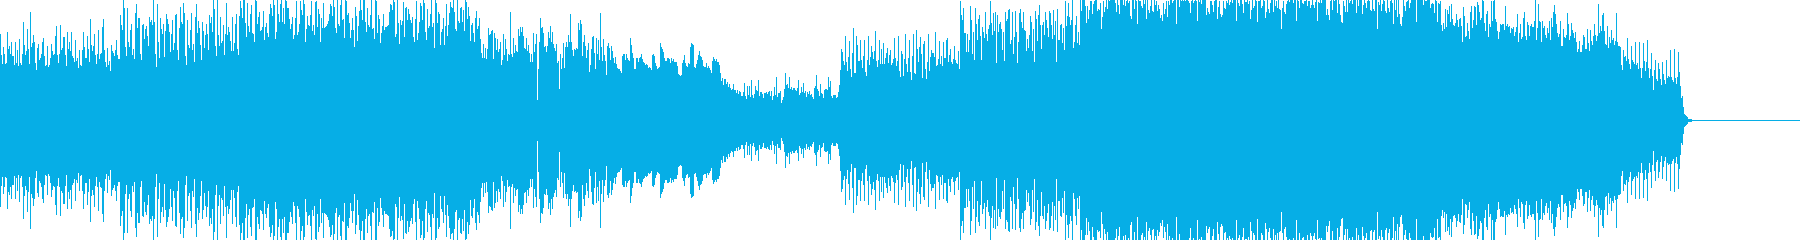 エレクトロニカ・曲後半で感動展開の再生済みの波形